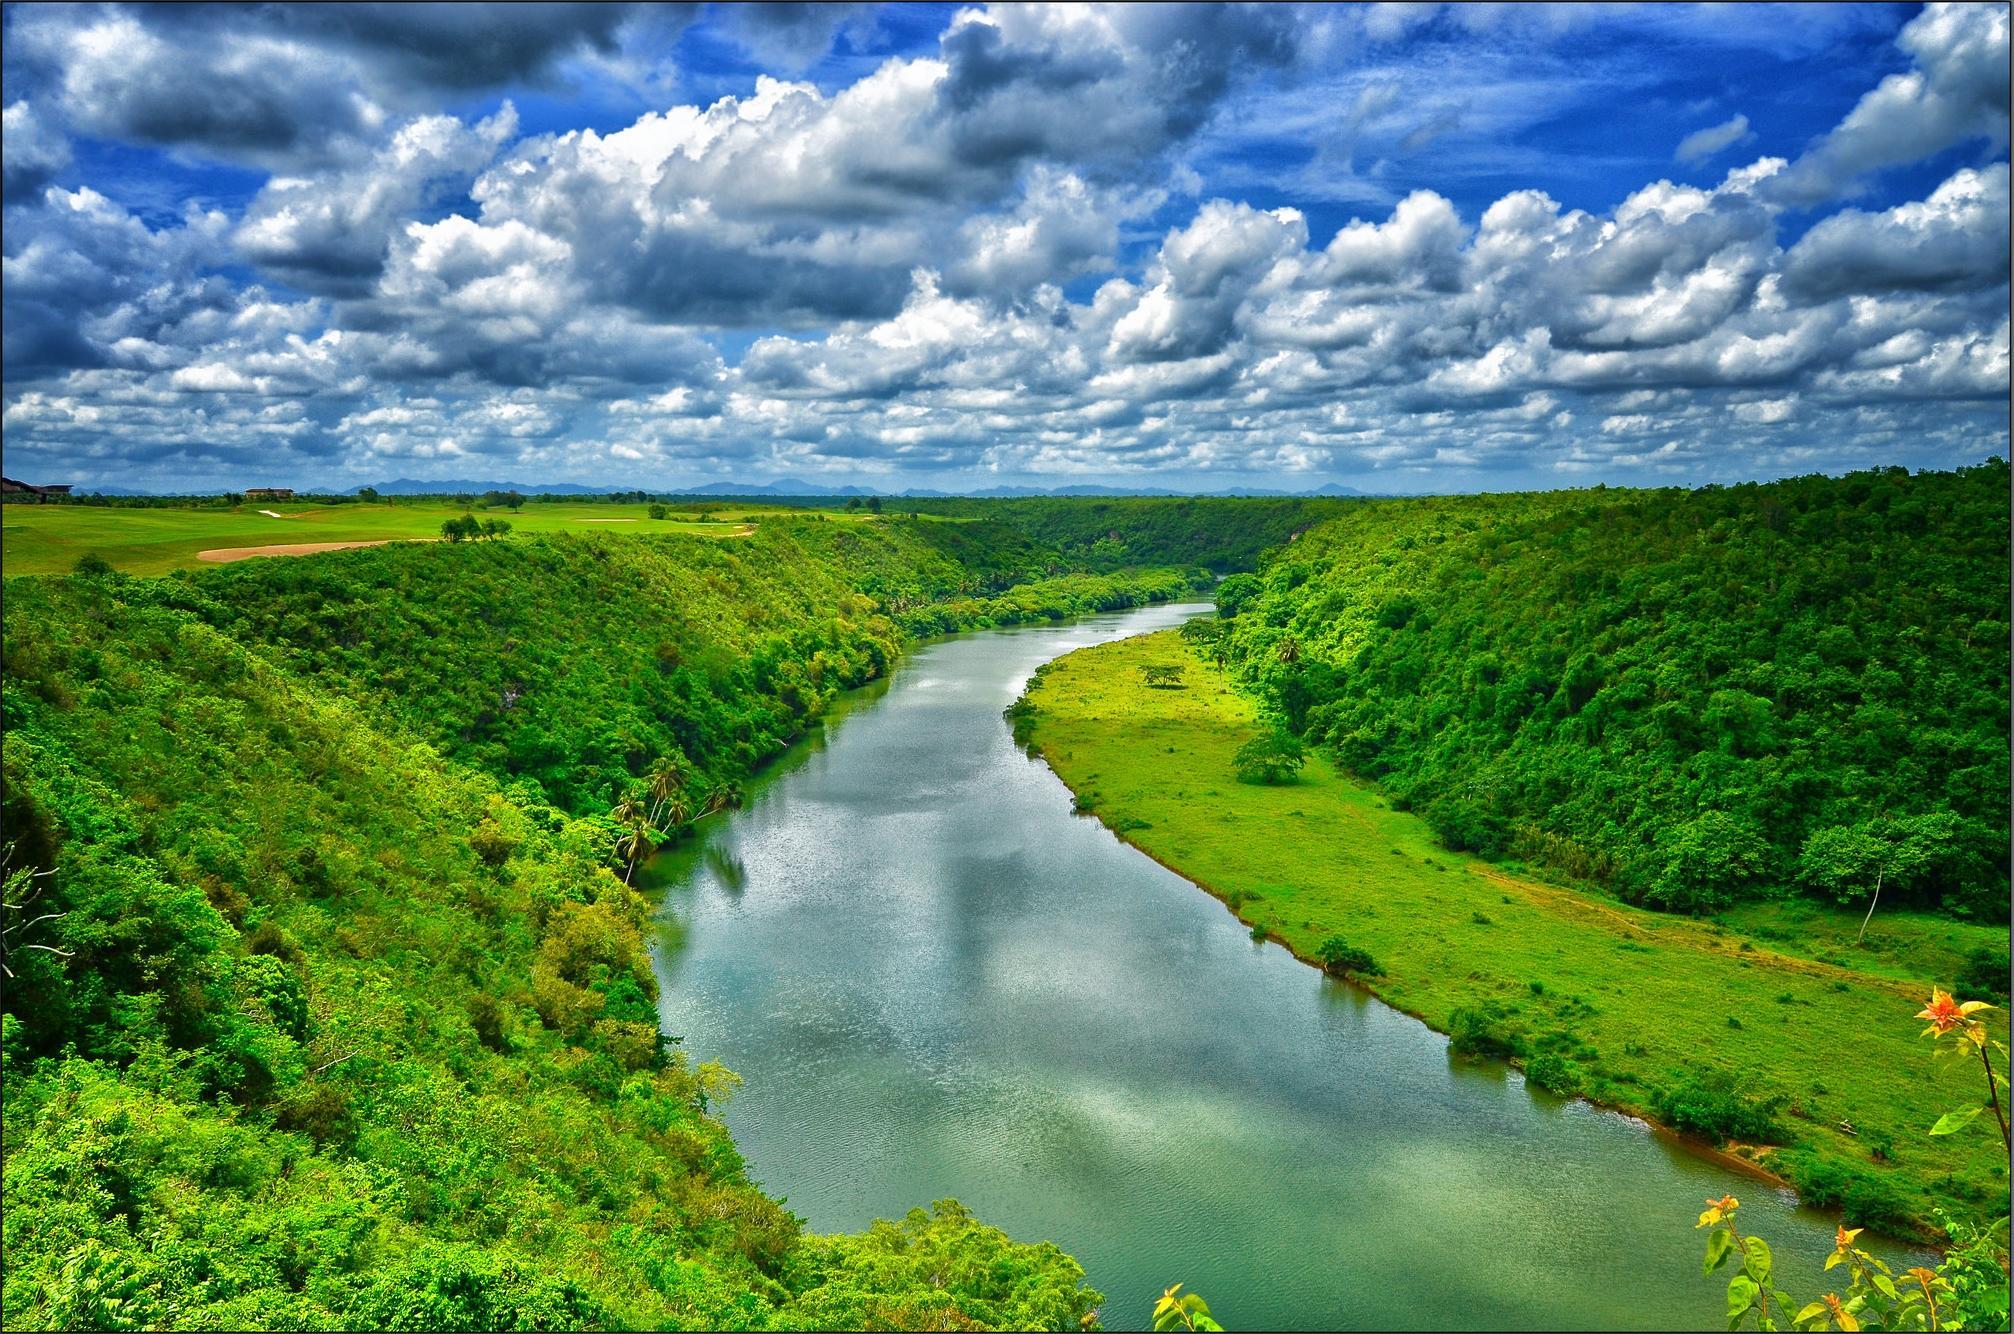 поля, река, деревья